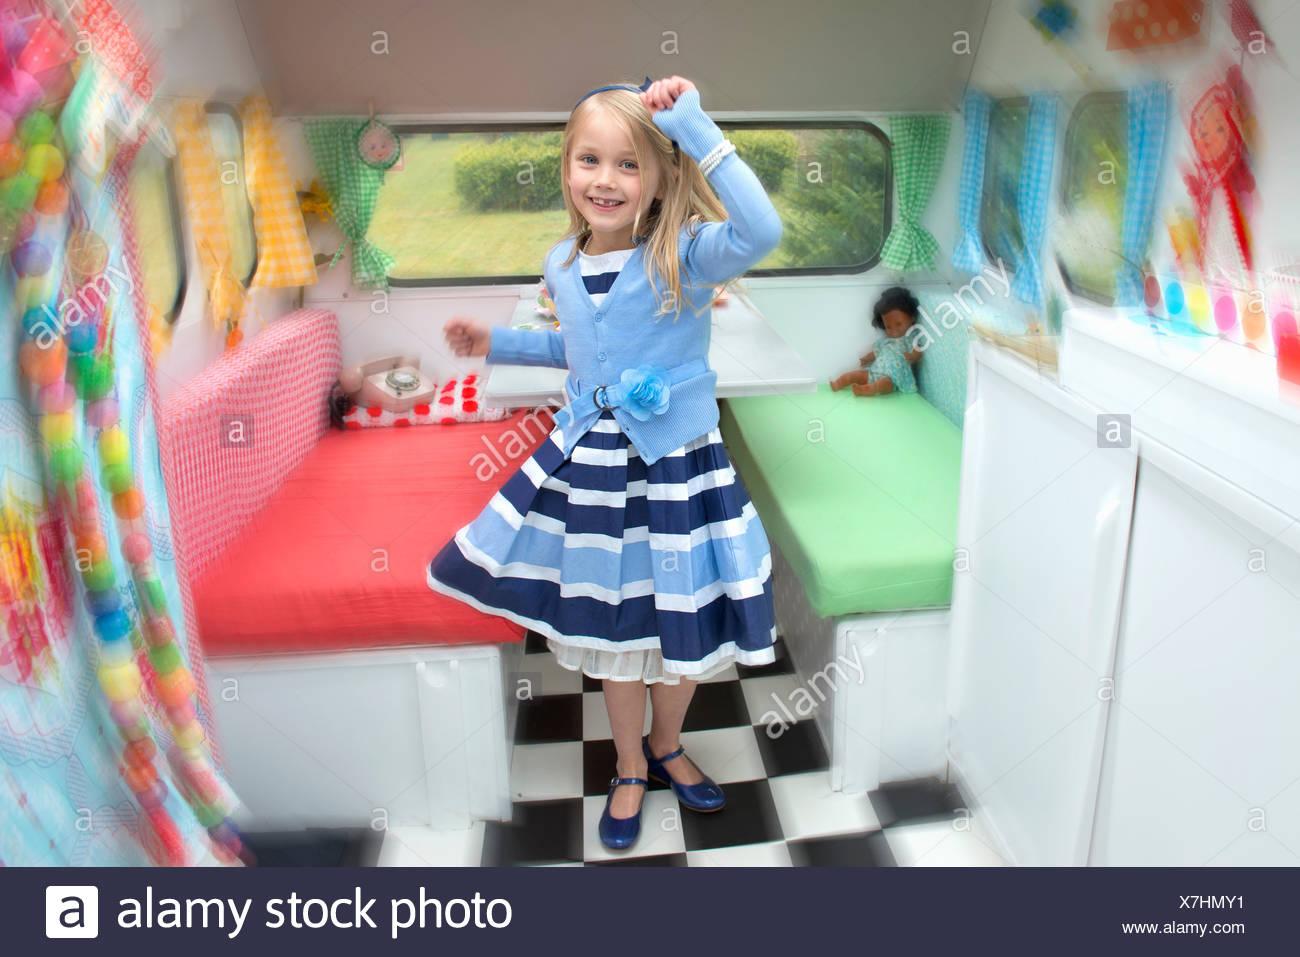 Ritratto di giovane ragazza danzante in caravan Immagini Stock